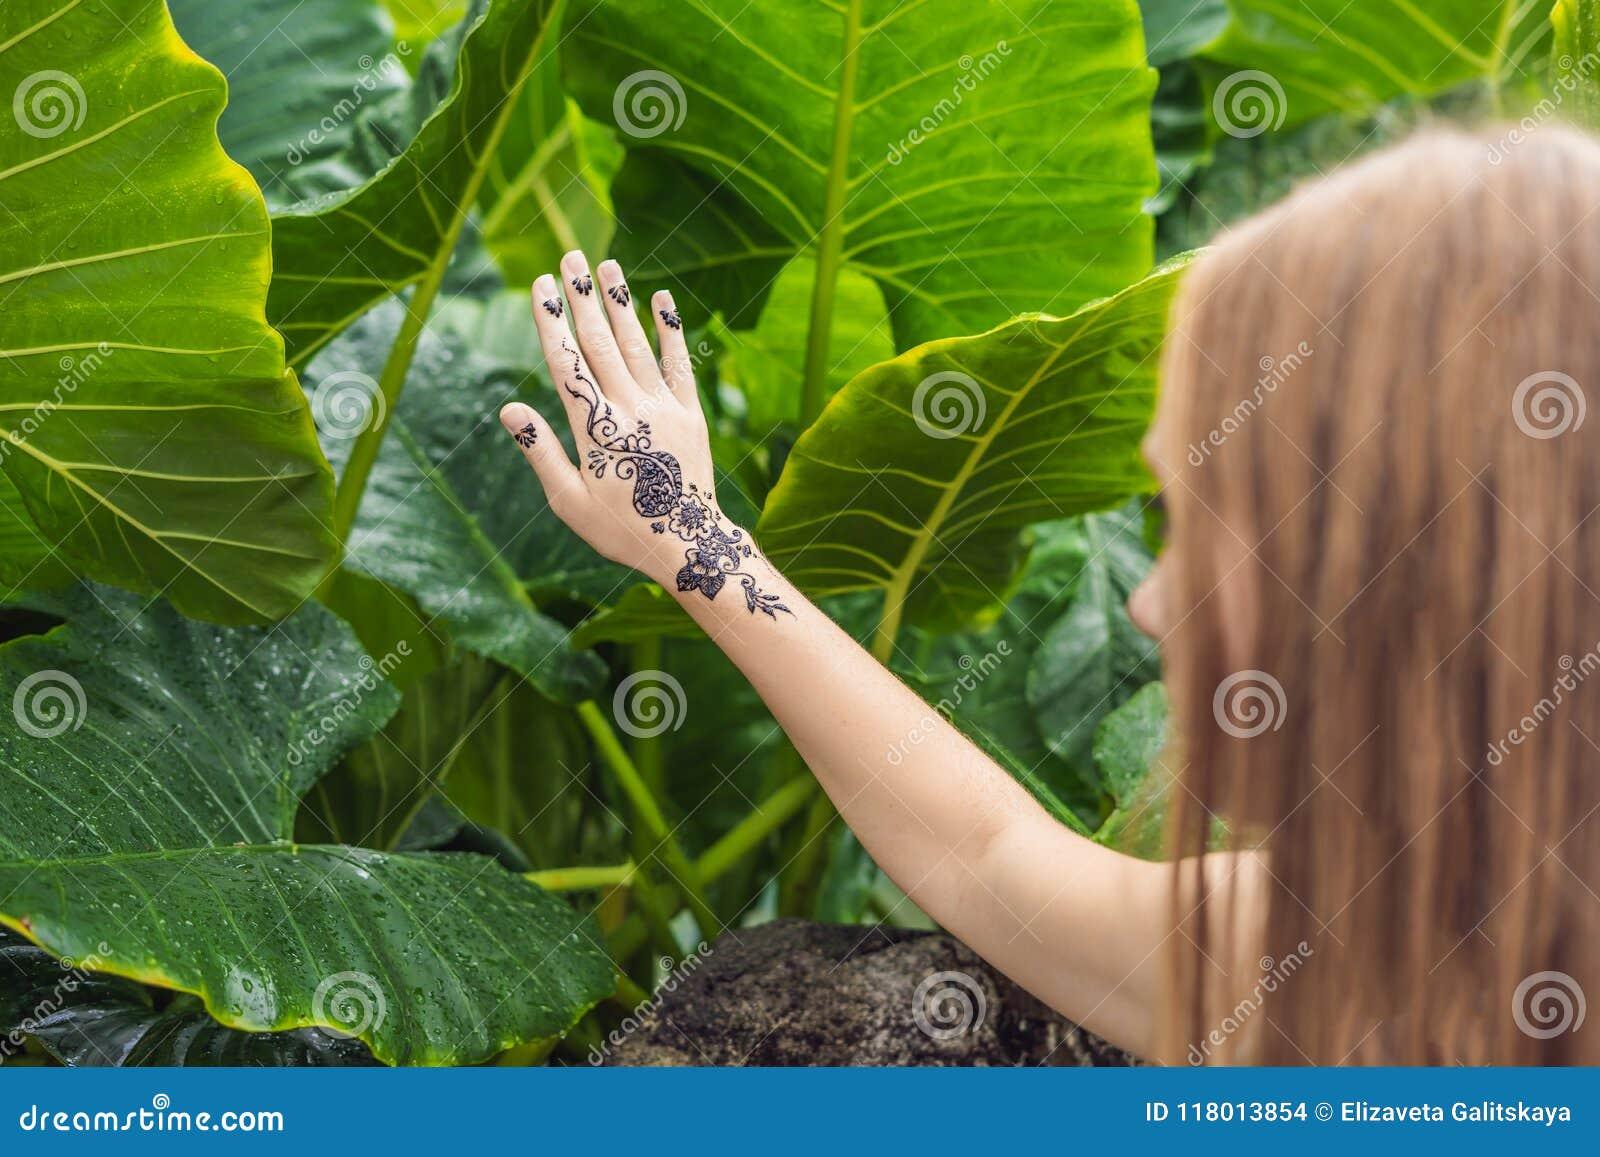 Woman With Mahendi Hand Decorated With Henna Tattoo Mehendi Ha